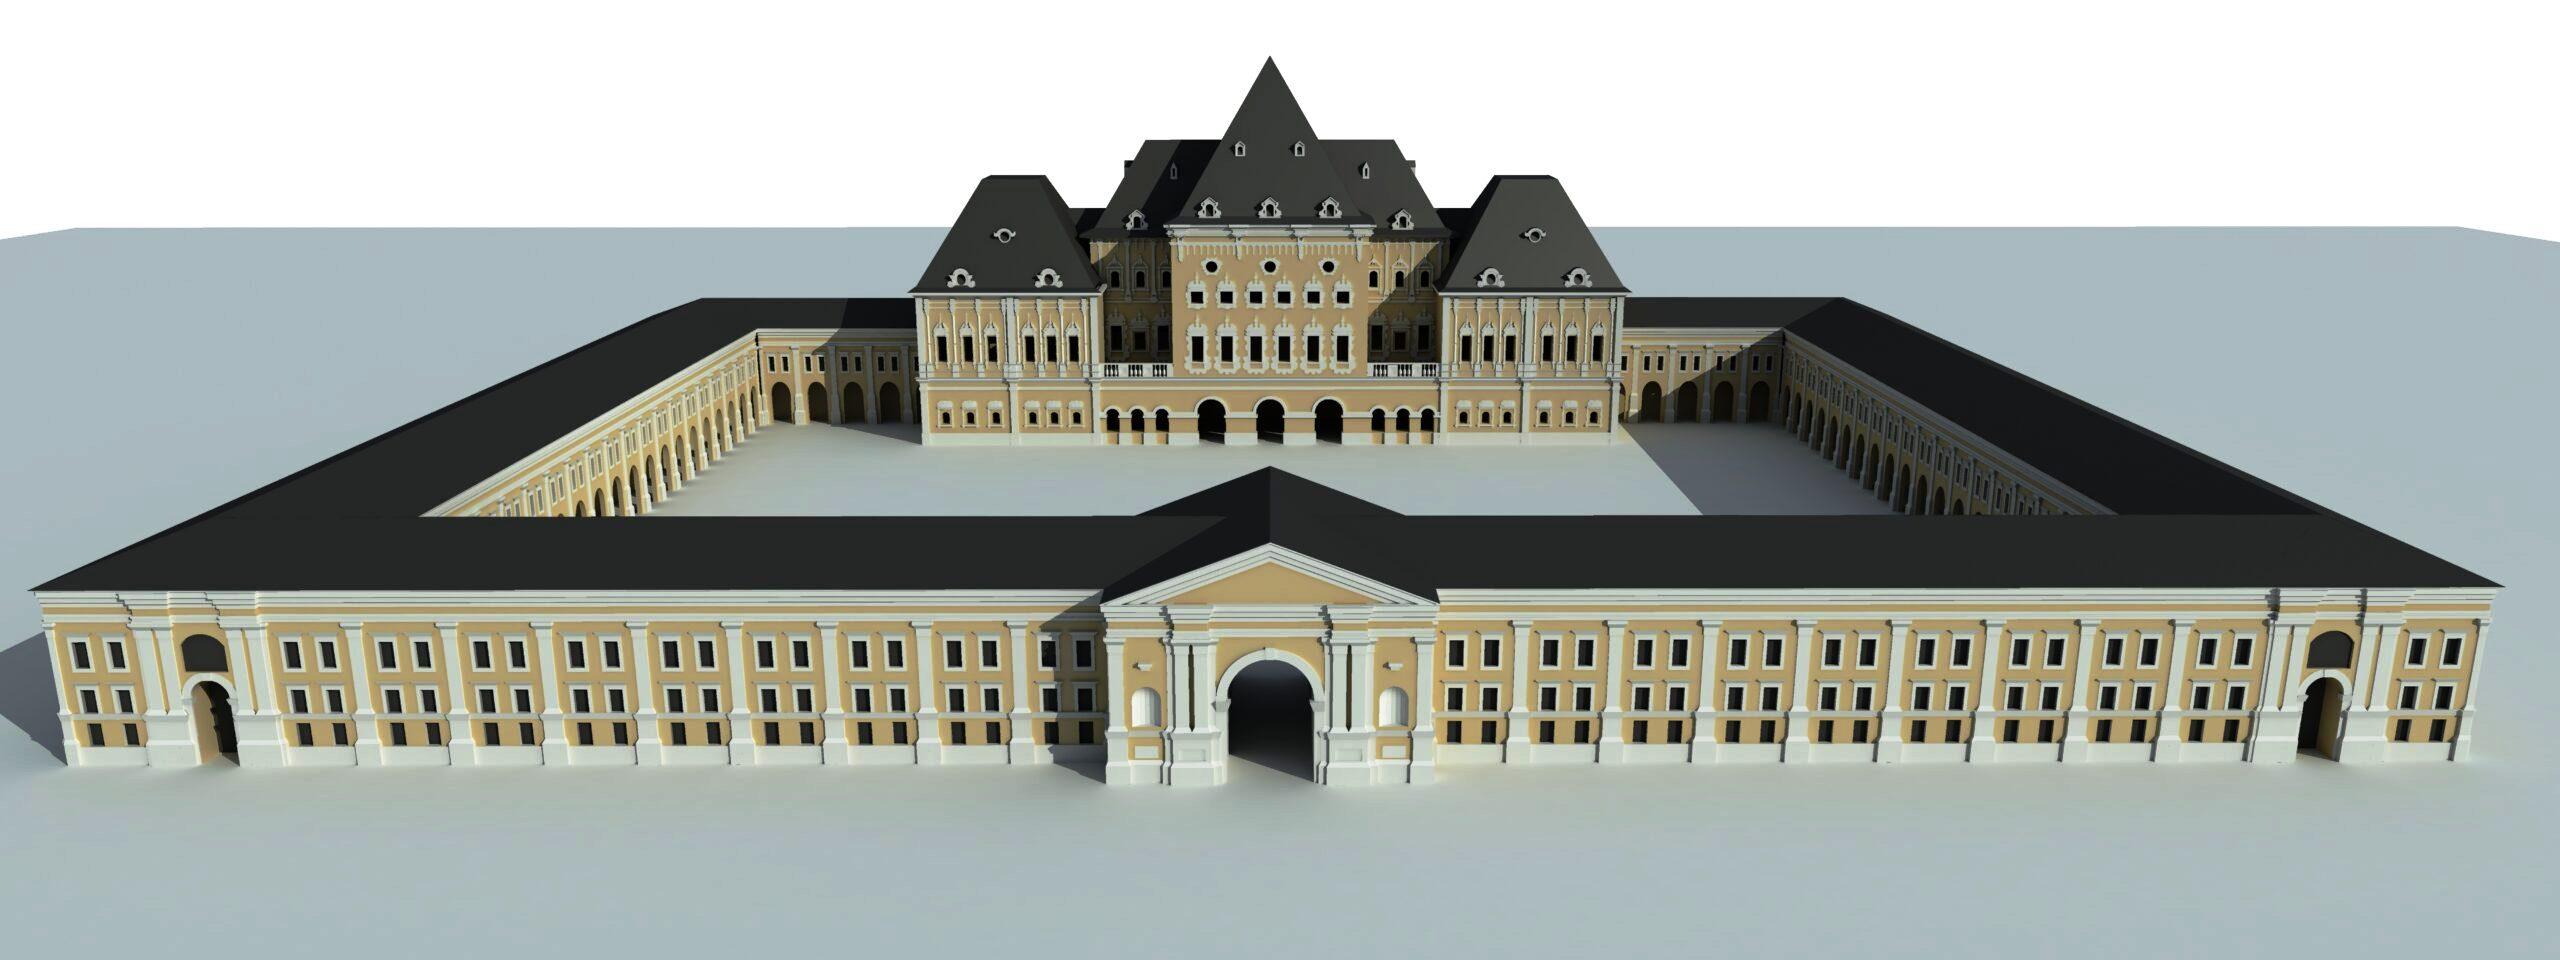 Лефортовский дворец в Москве